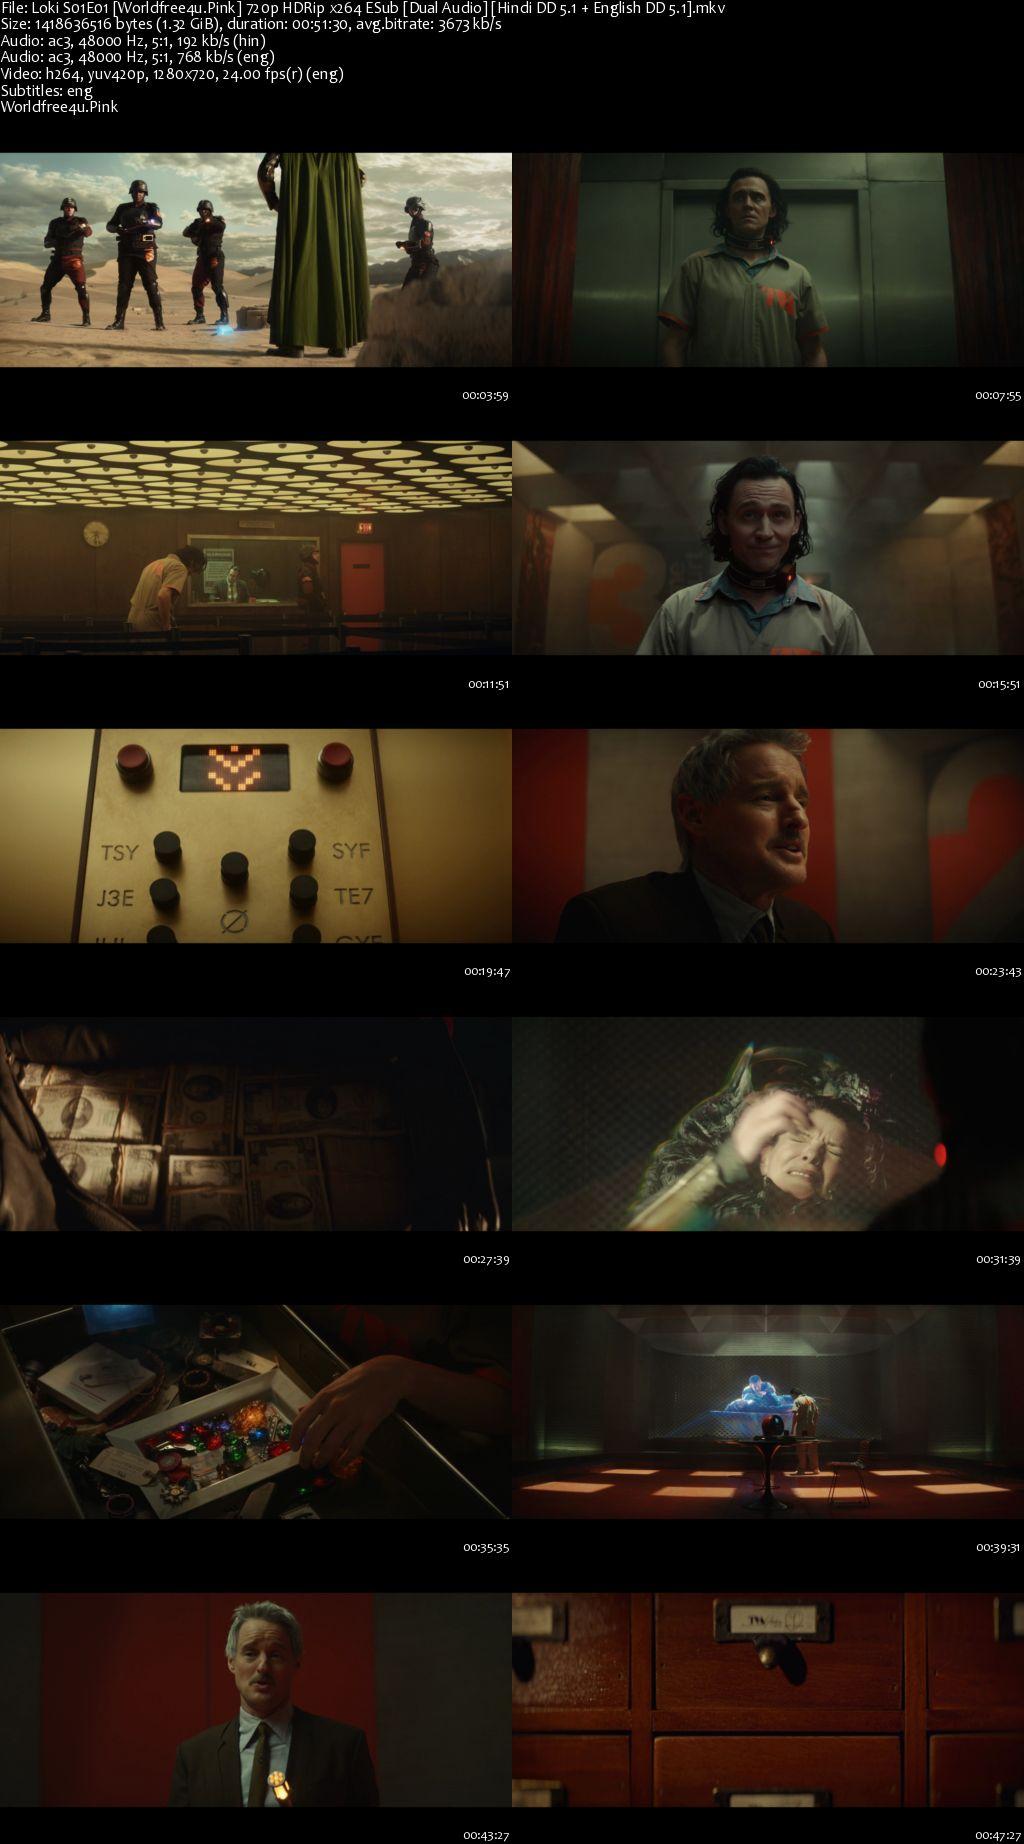 Loki 2021 (Season 1) All Episodes Dual Audio HDRip 720p